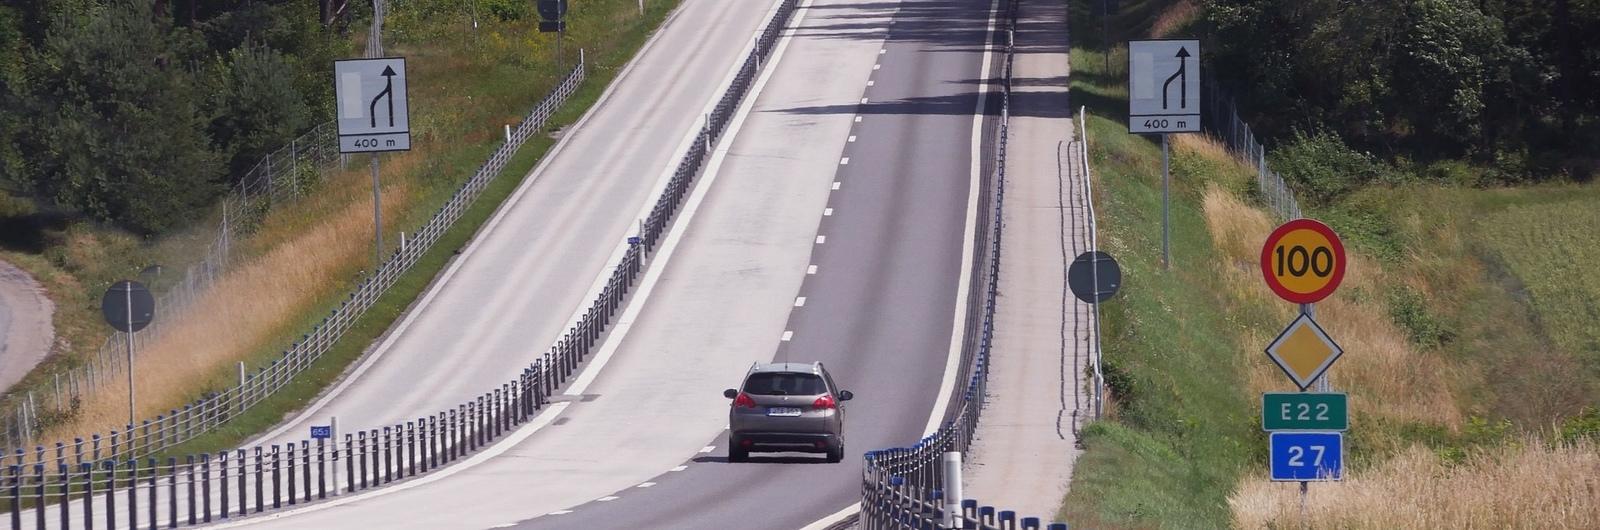 city header sweden highway cars